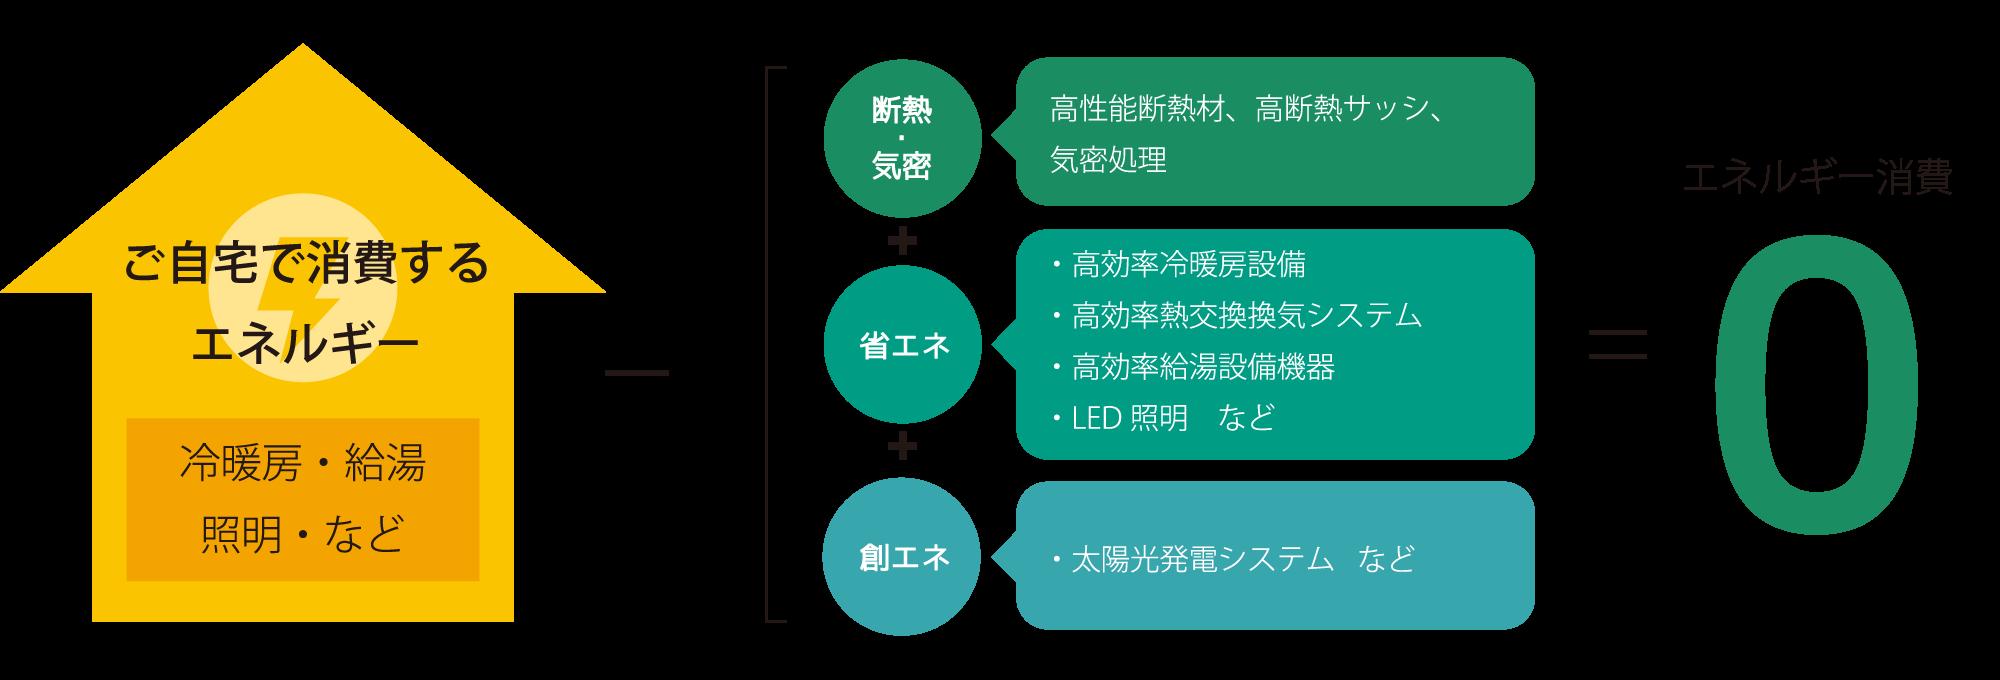 ご自宅で消費するエネルギー(冷暖房・給湯・照明・など)-創エネ+省エネ+断熱・気密=0